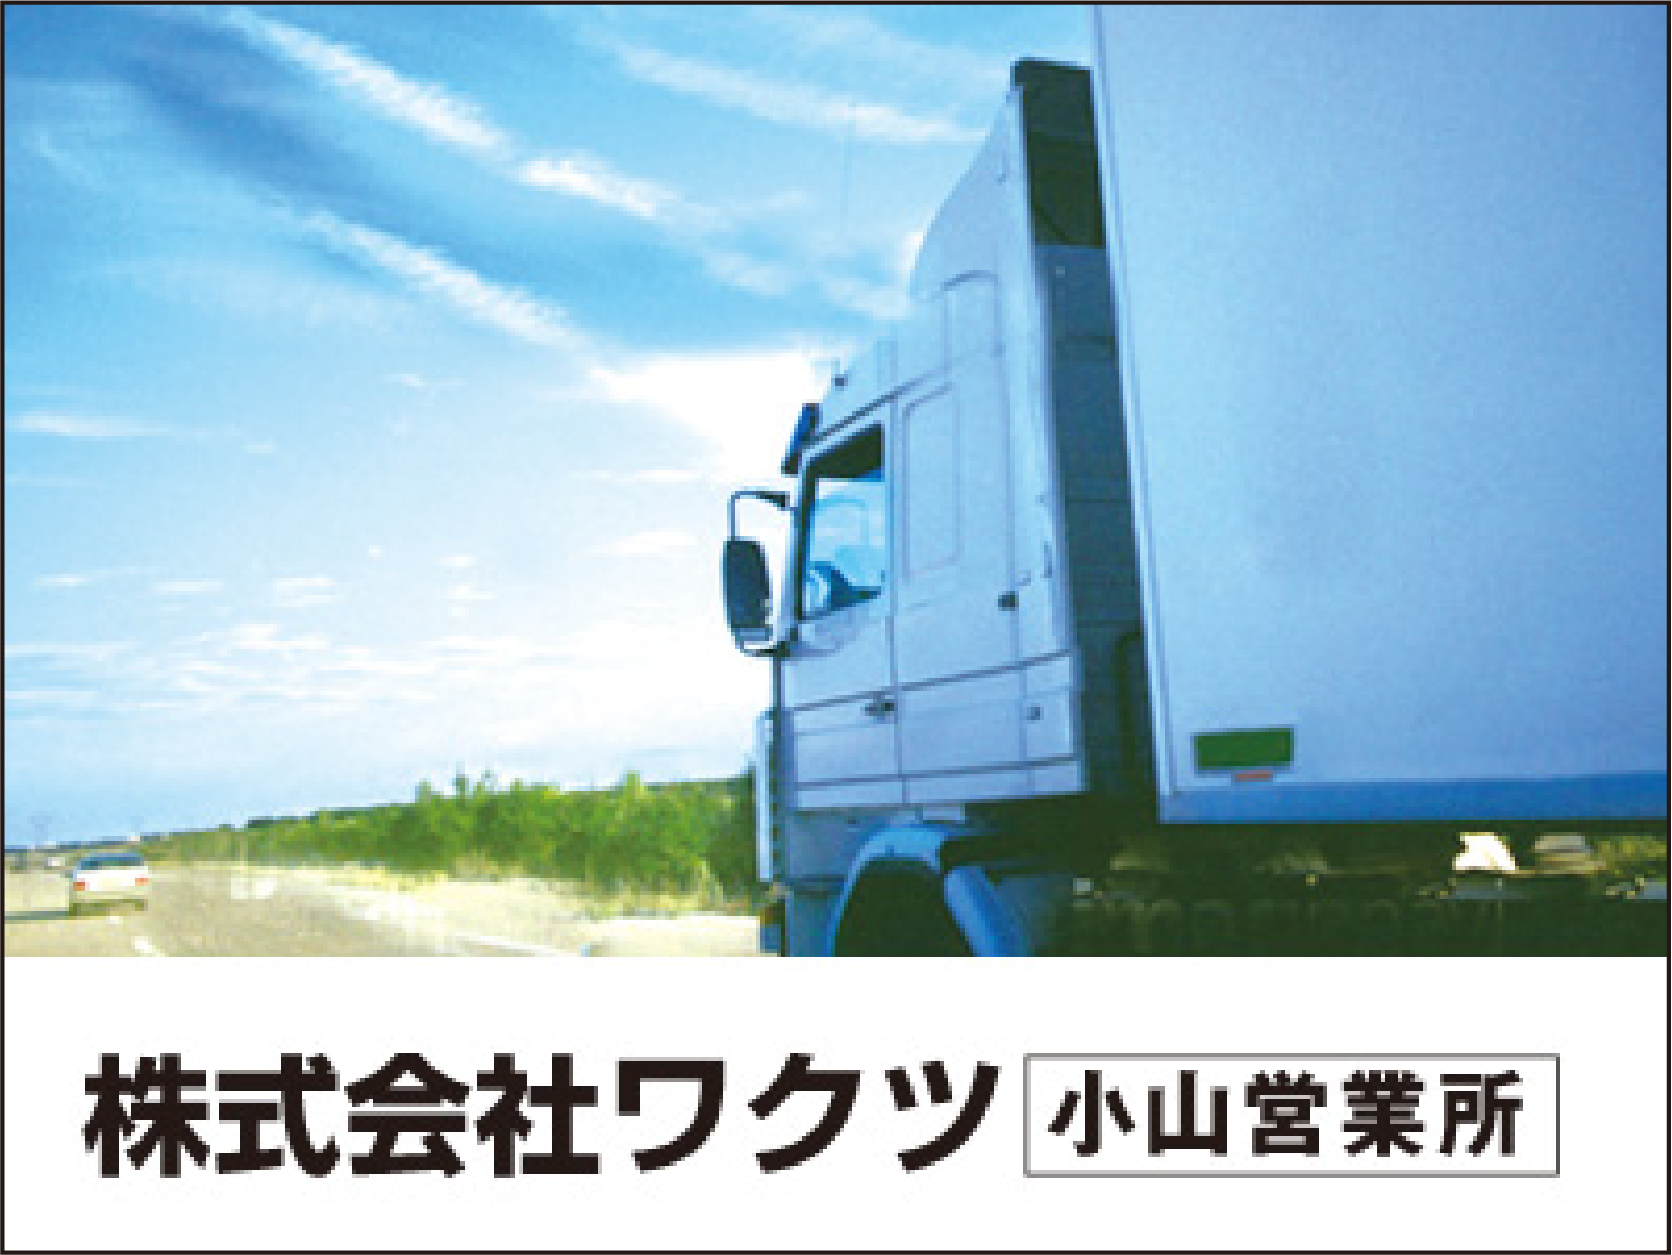 株式会社 ワクツ 小山営業所【2t・4t車ドライバー】の求人情報